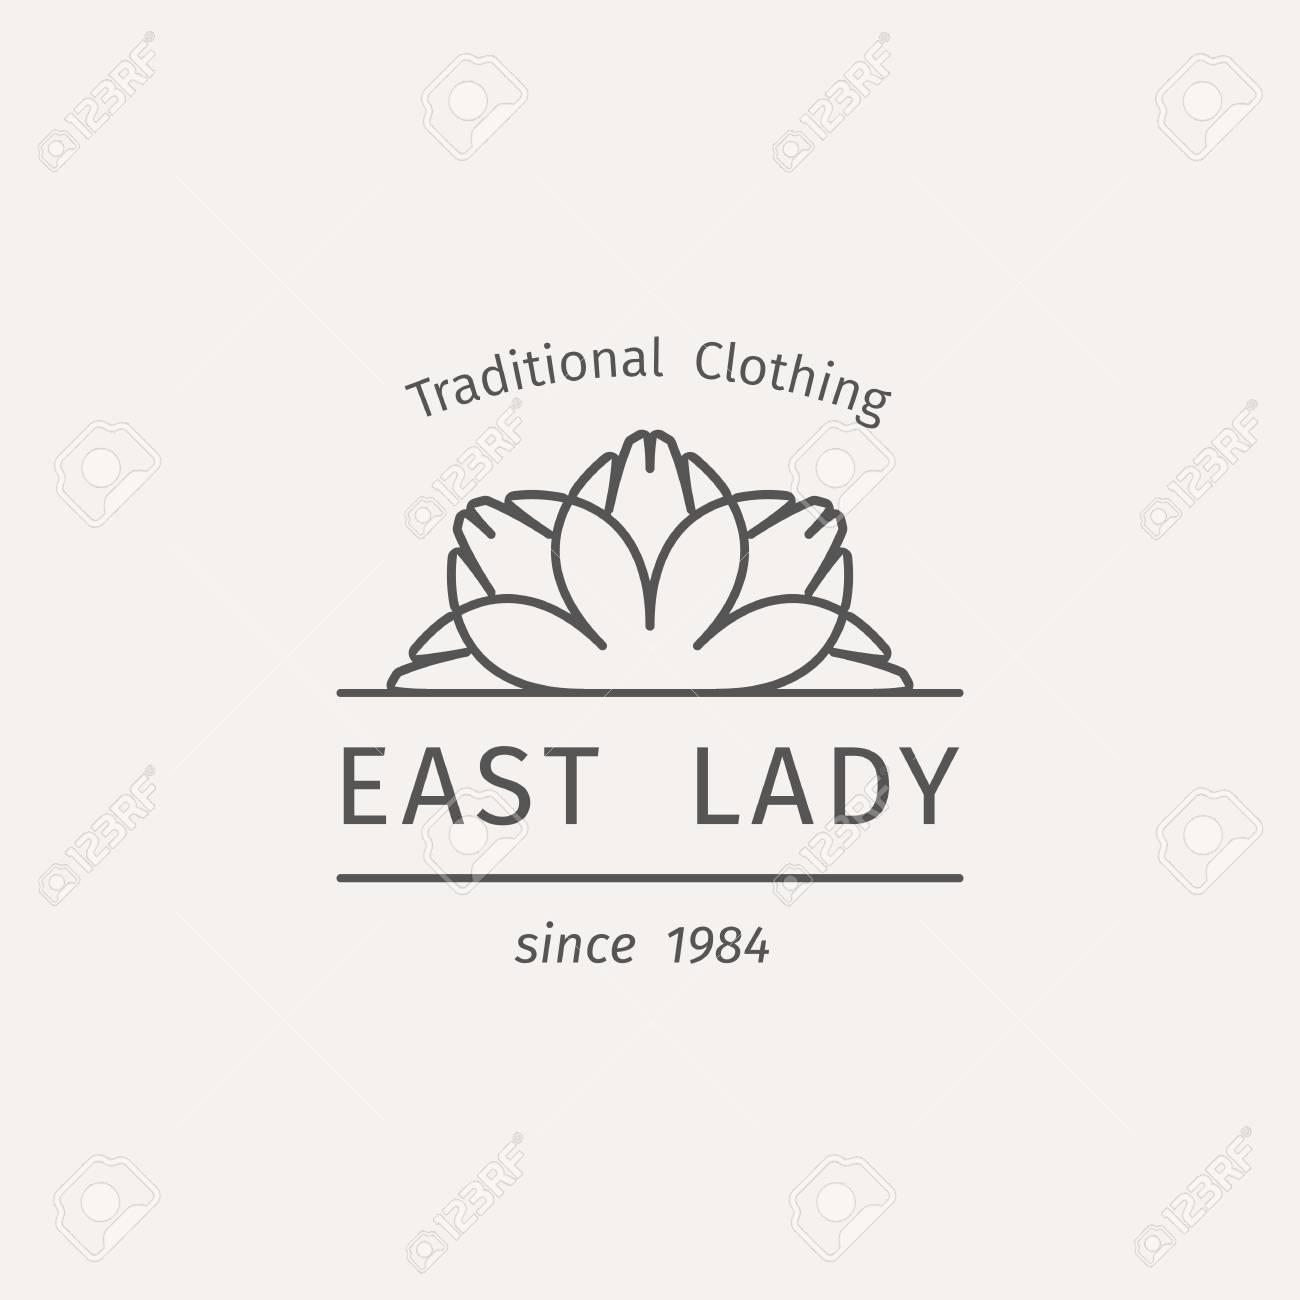 Asiatische Modegeschäfte Vorlage. Ethnischen Zier-Design Für ...